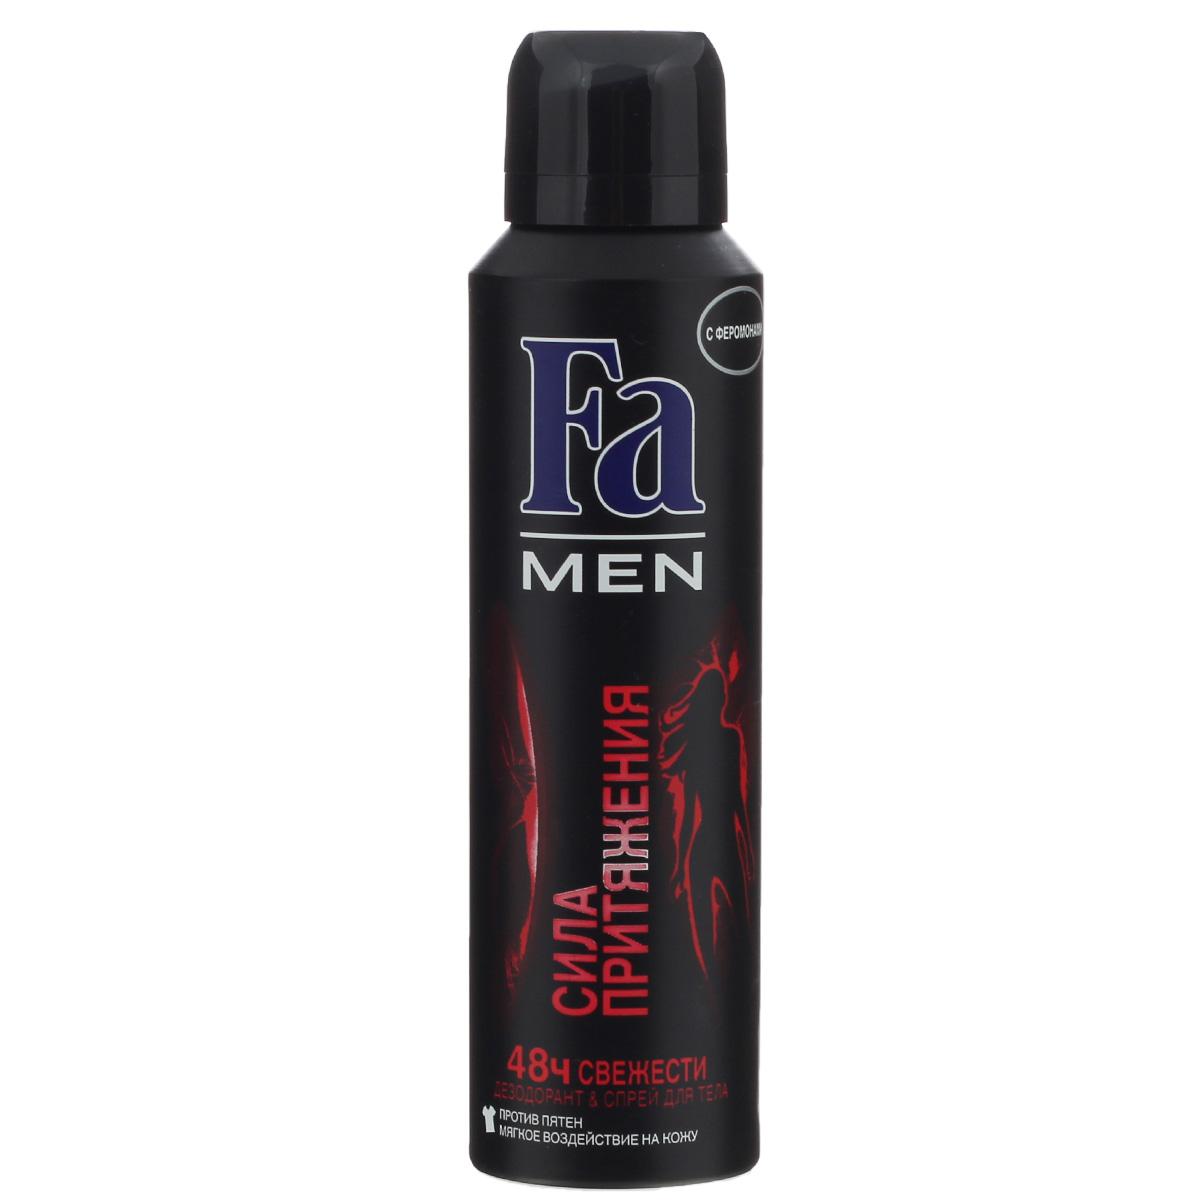 FA MEN Дезодорант-аэрозоль Сила Притяжения, 150 мл120836532FA MEN Дезодорант & спрей для тела Сила Притяжения - Откройте для себя длительную део-защиту на 48 ч и секрет неотразимого обаяния благодаря особой формуле с феромонами. Эффективная защита против запаха пота на 48 часа и длительная и притягательная свежесть. - Без белых пятен- Бережная формула защищает и заботится о коже- Хорошая переносимость кожей подтверждена дерматологамиПрименение: Тщательно встряхнуть. Короткими нажатиями распылять дезодорант в области подмышек с расстояния 15 см.Также почувствуйте притягательную свежесть, принимая душ с гелем для душа Fa Men Сила Притяжения.